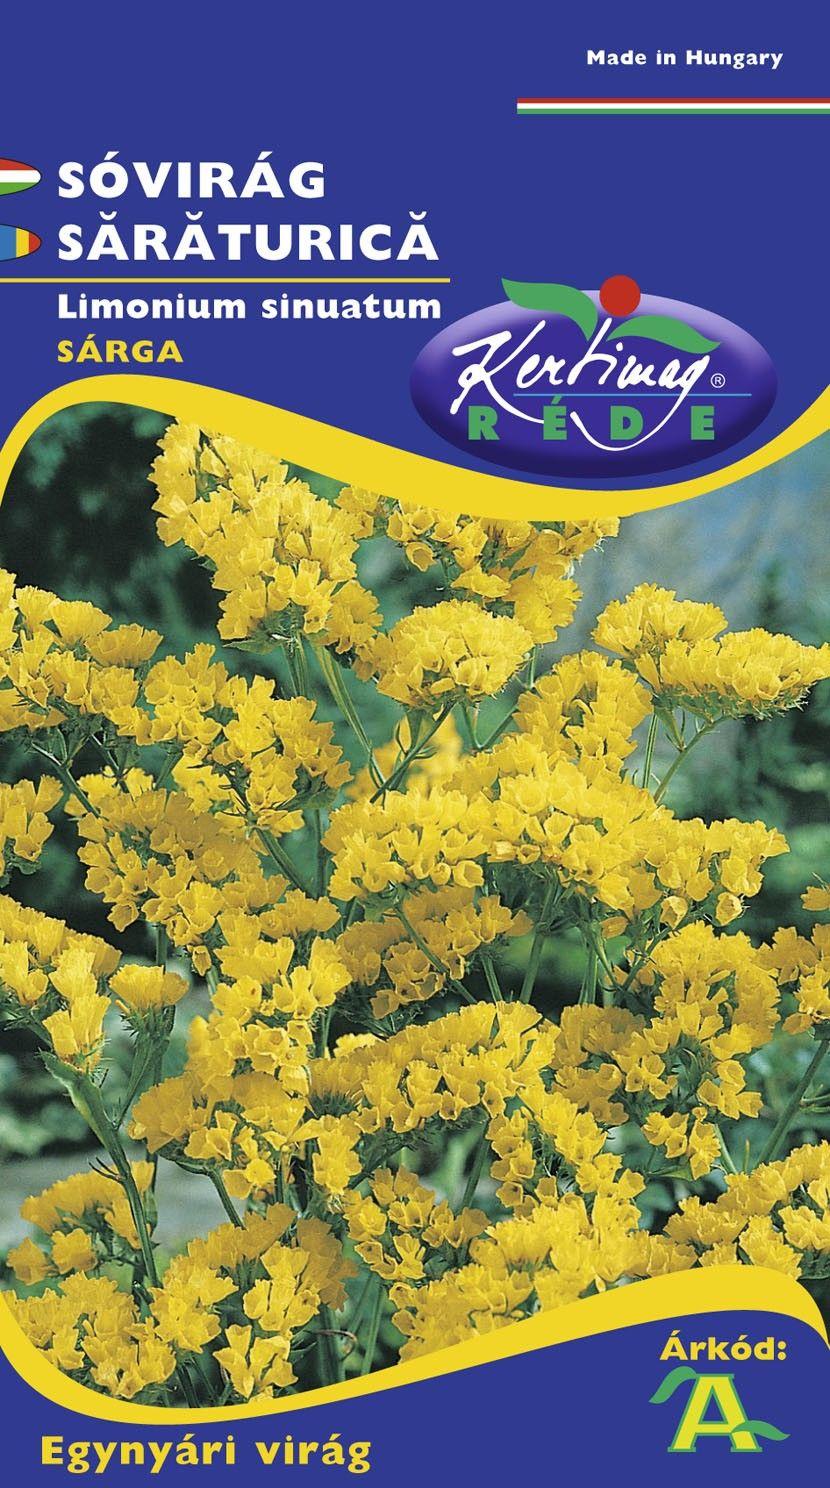 Seminte de Saraturica galbena - KM - Limonium sinuatum